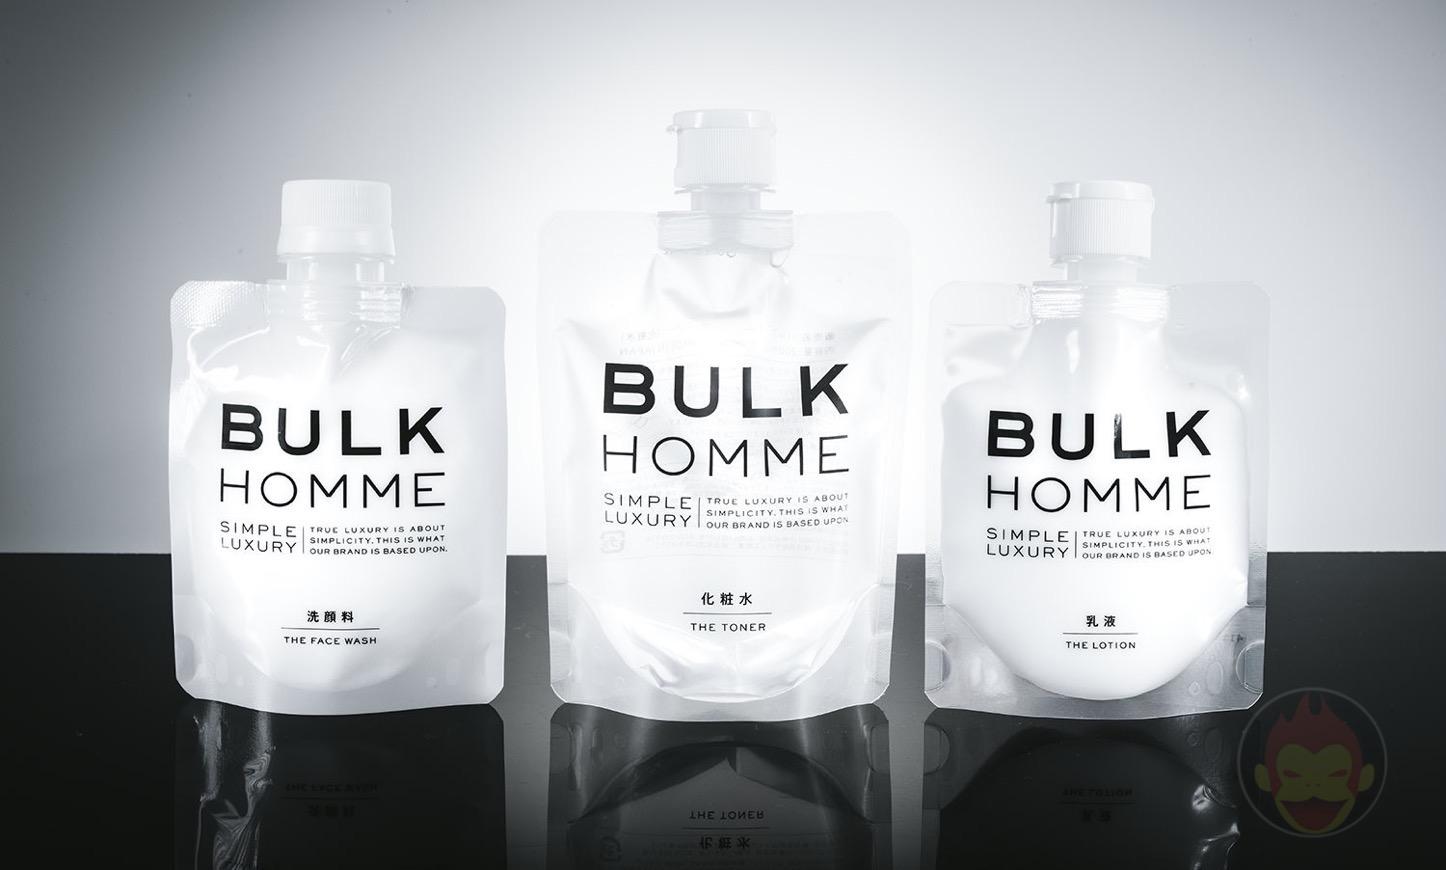 BULK HOMME フルセット